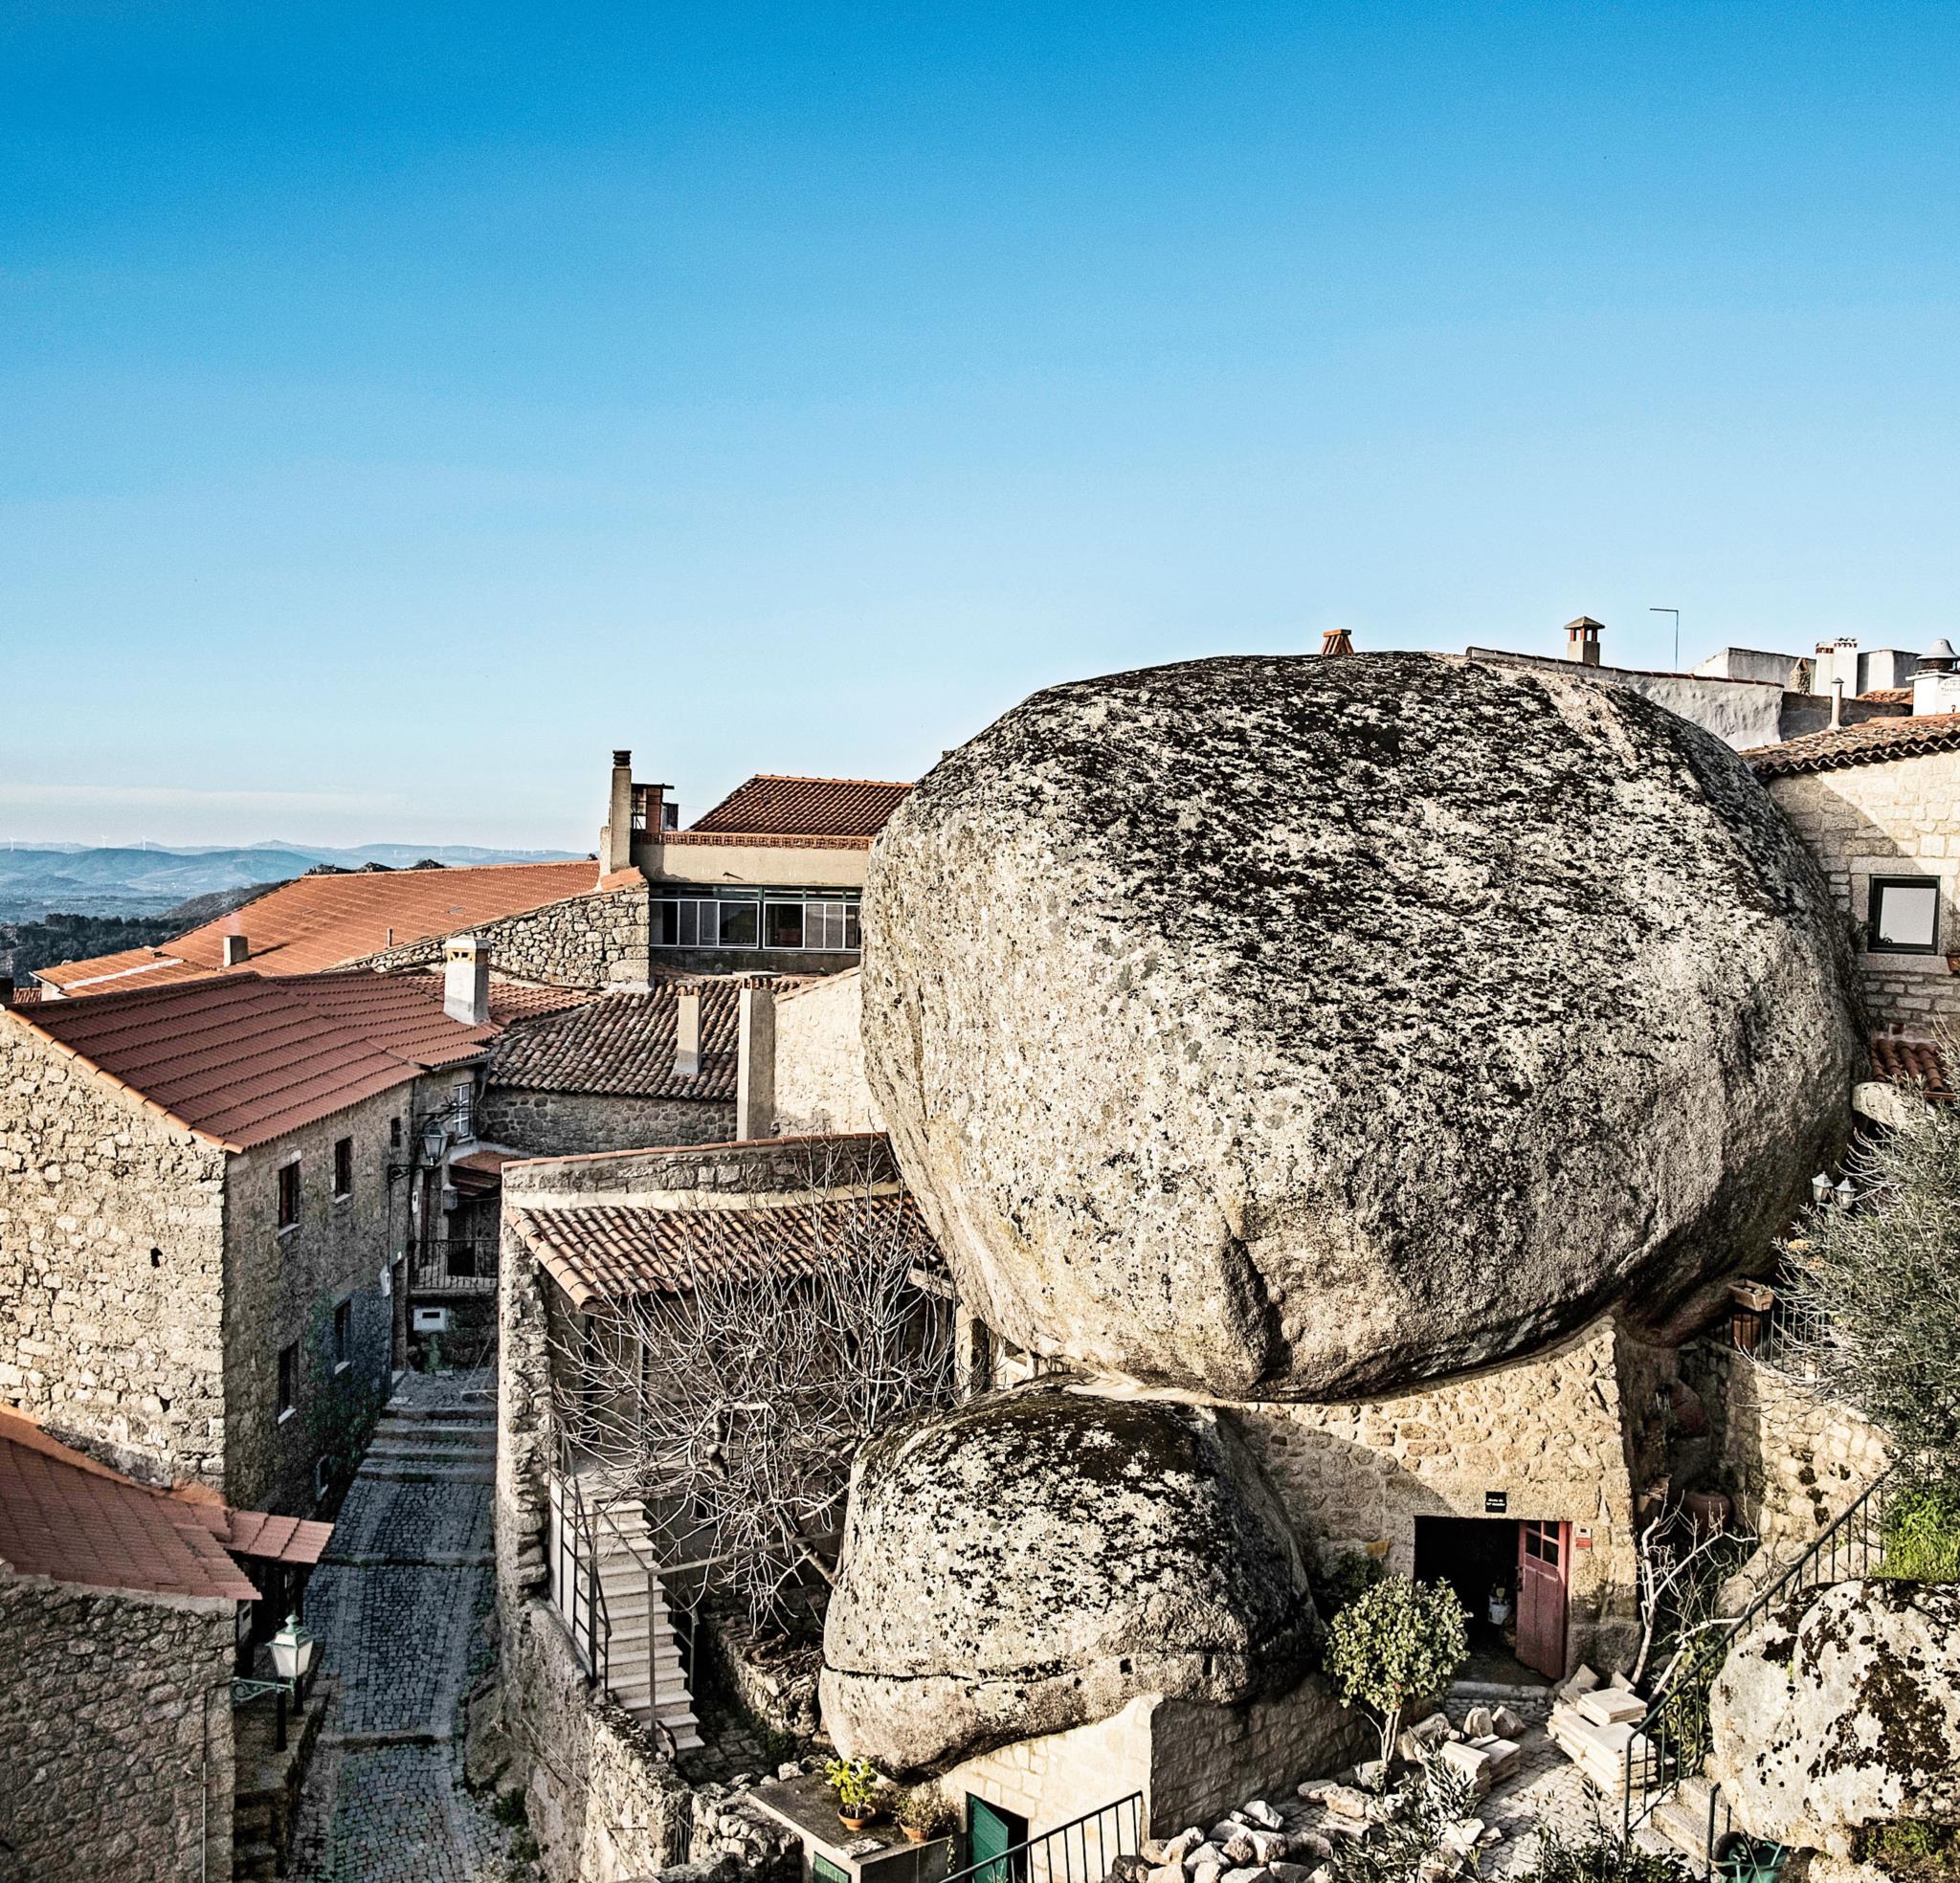 De Belmonte a Castelo Novo, pelos caminhos de Portugal